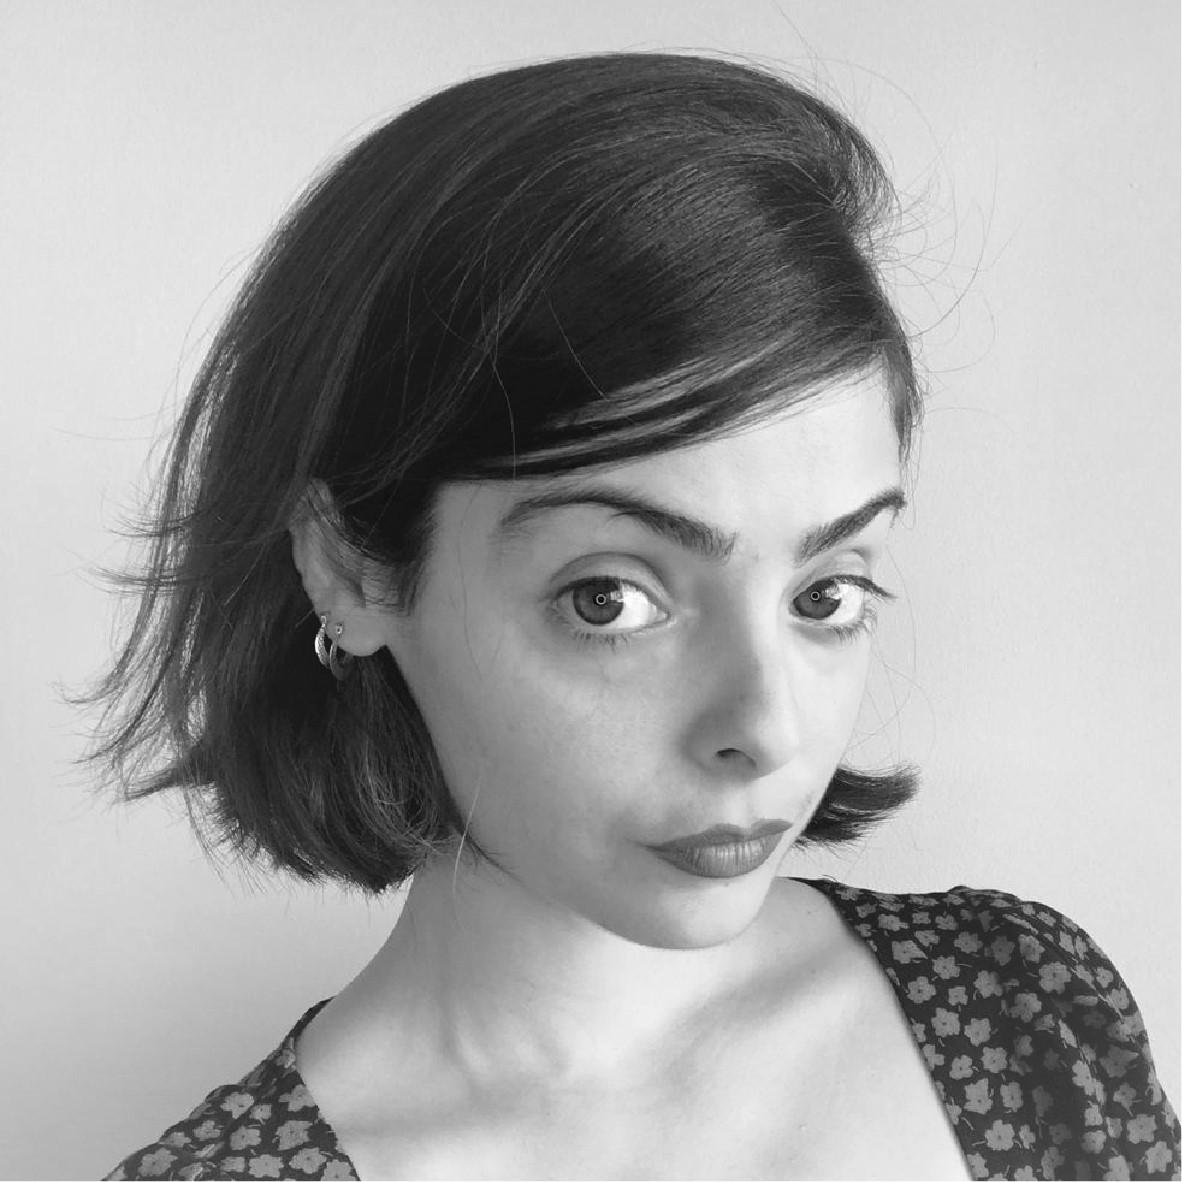 ג'וליה גליה כהן מורה למודרני